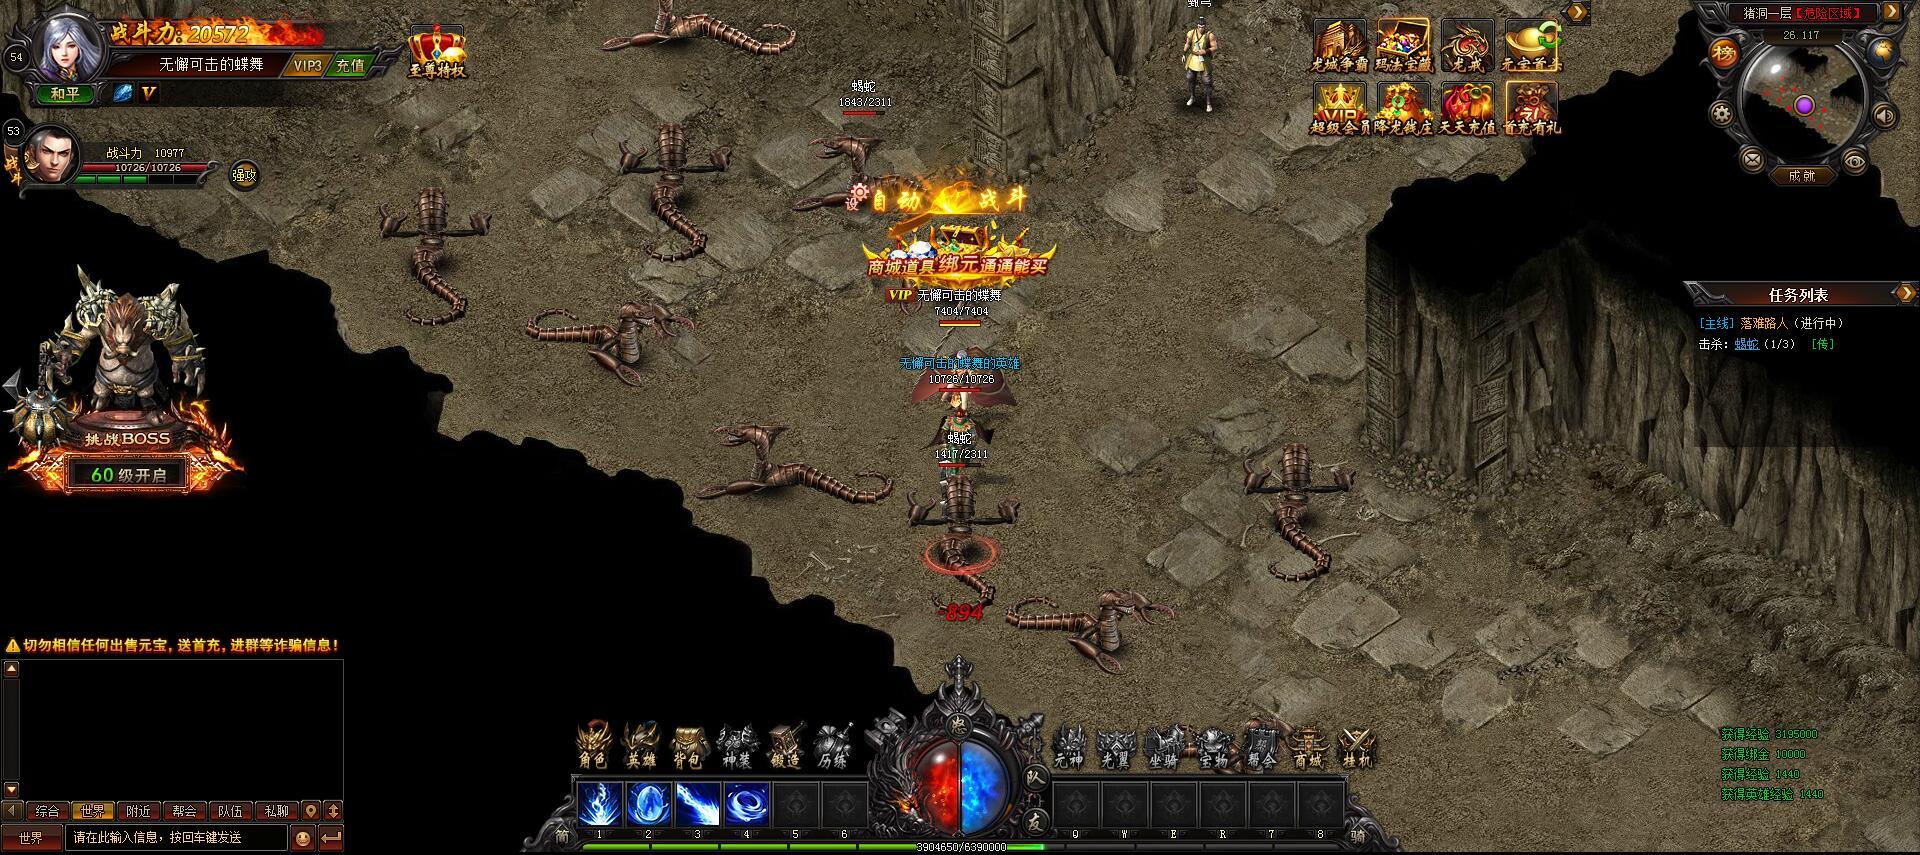 天魔屠龙游戏截图4